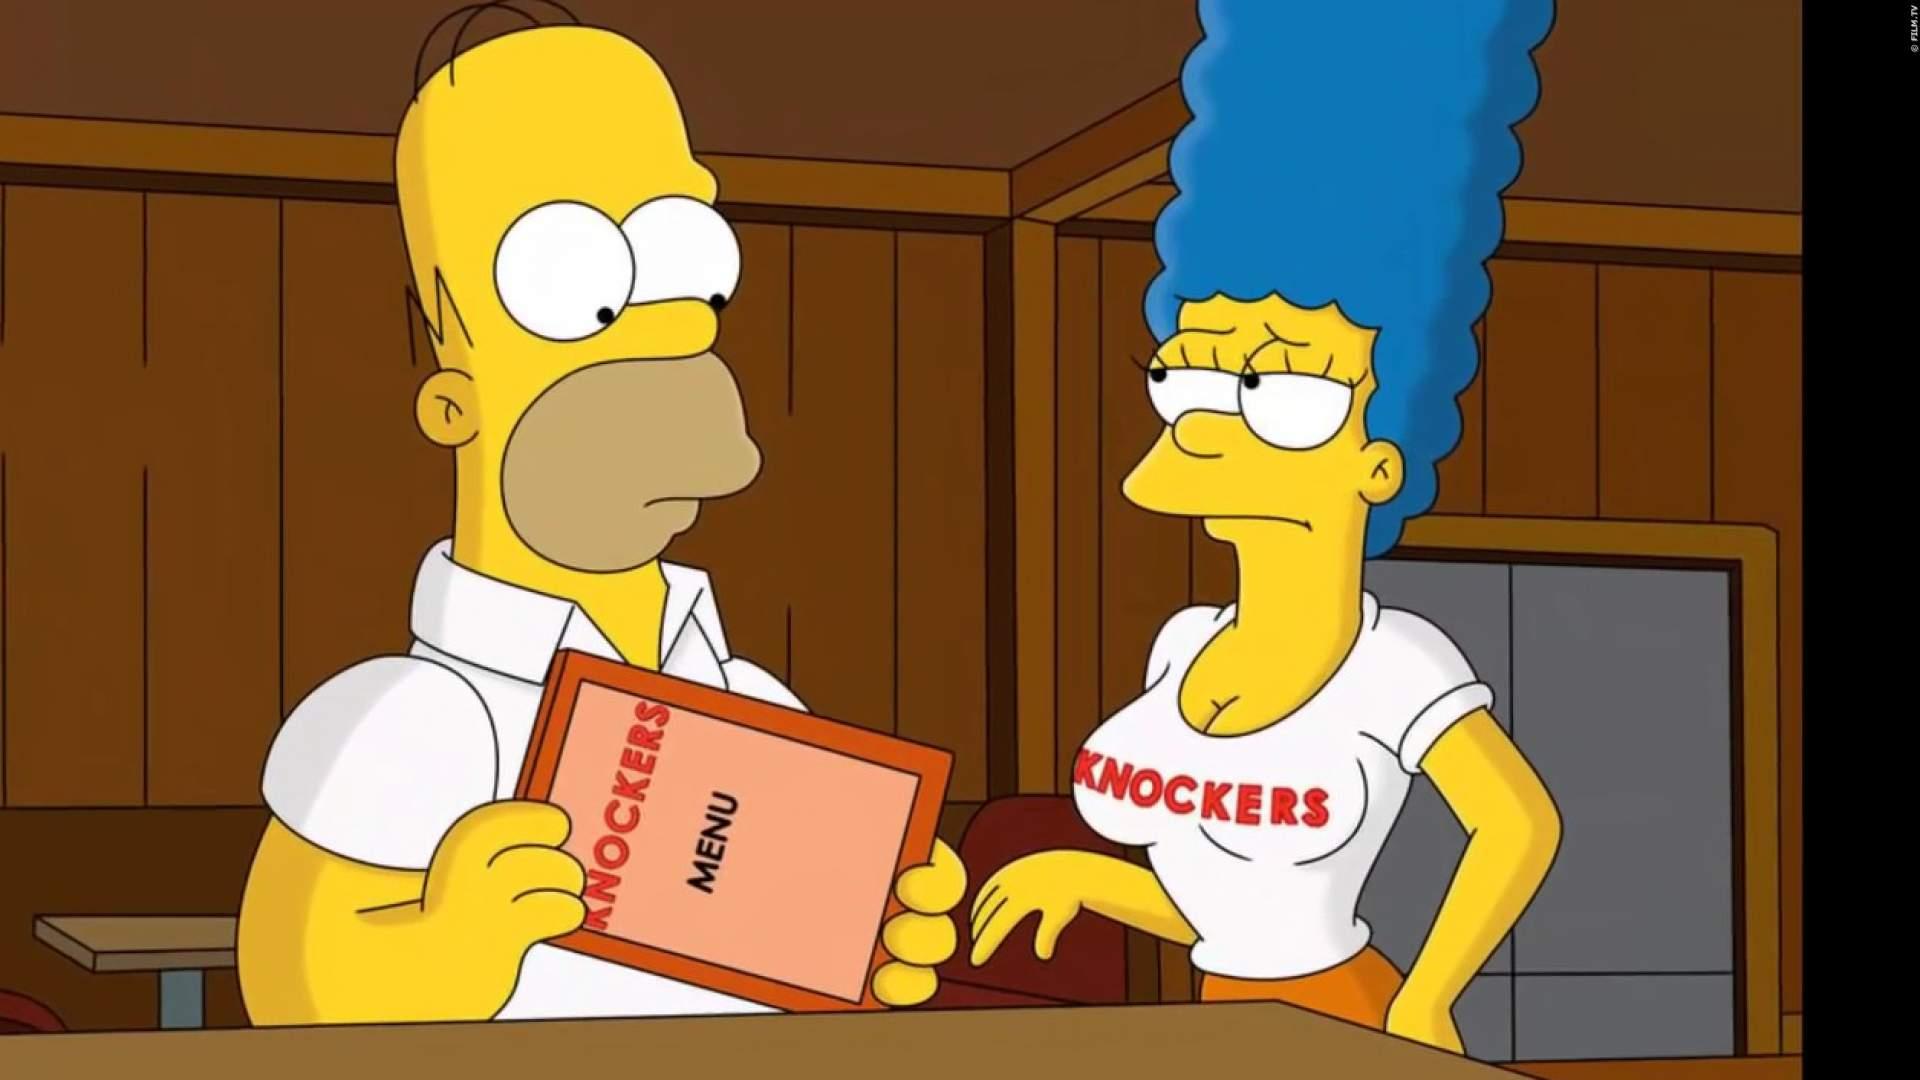 UNGLAUBLICH: Krasse Fakten über Marge Simpson - Das hätte keiner von ihr erwartet